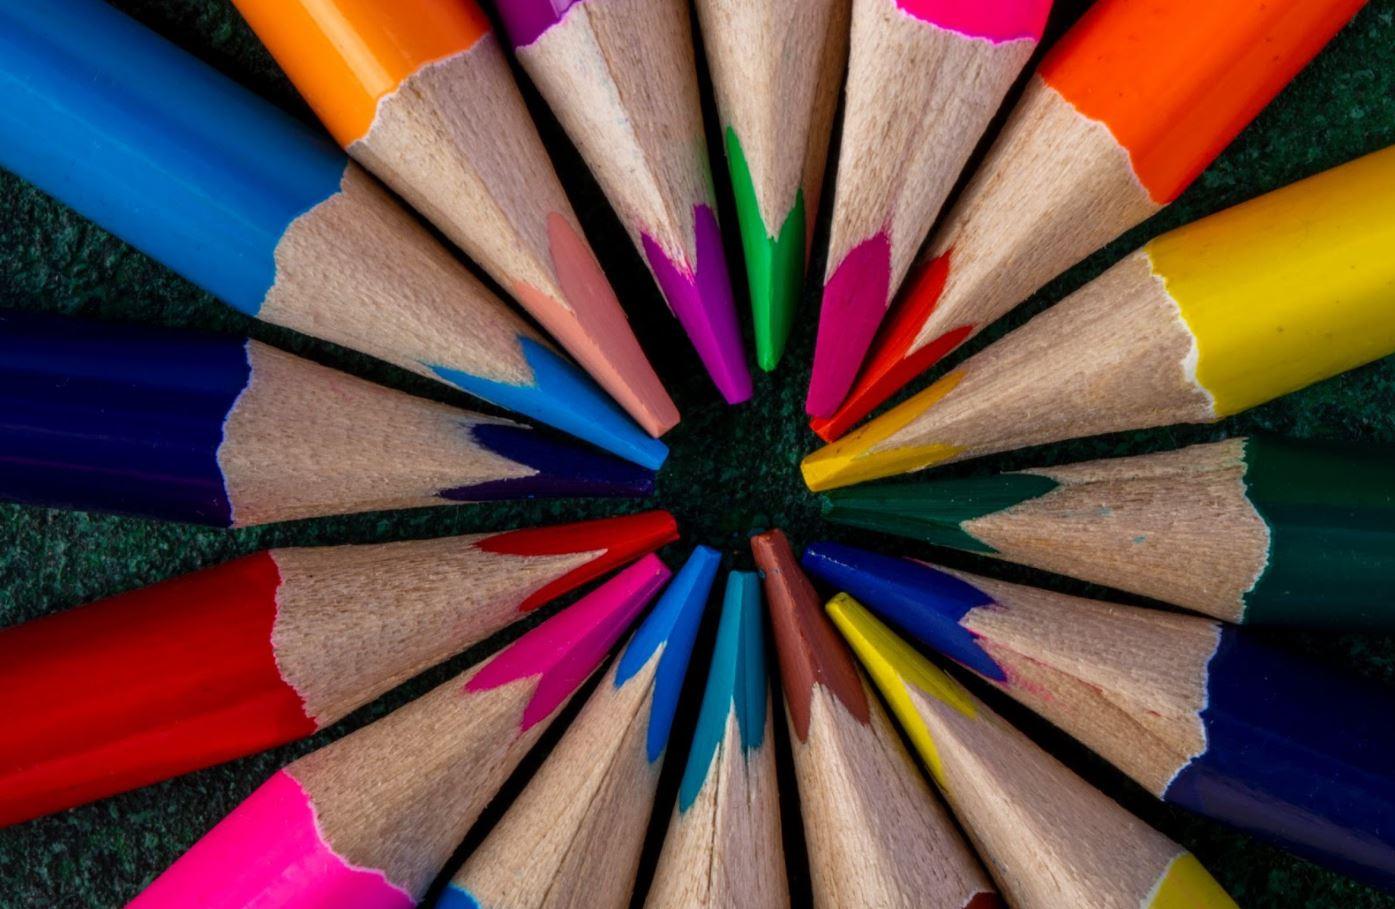 técnicas de pintura y dibujo para niños